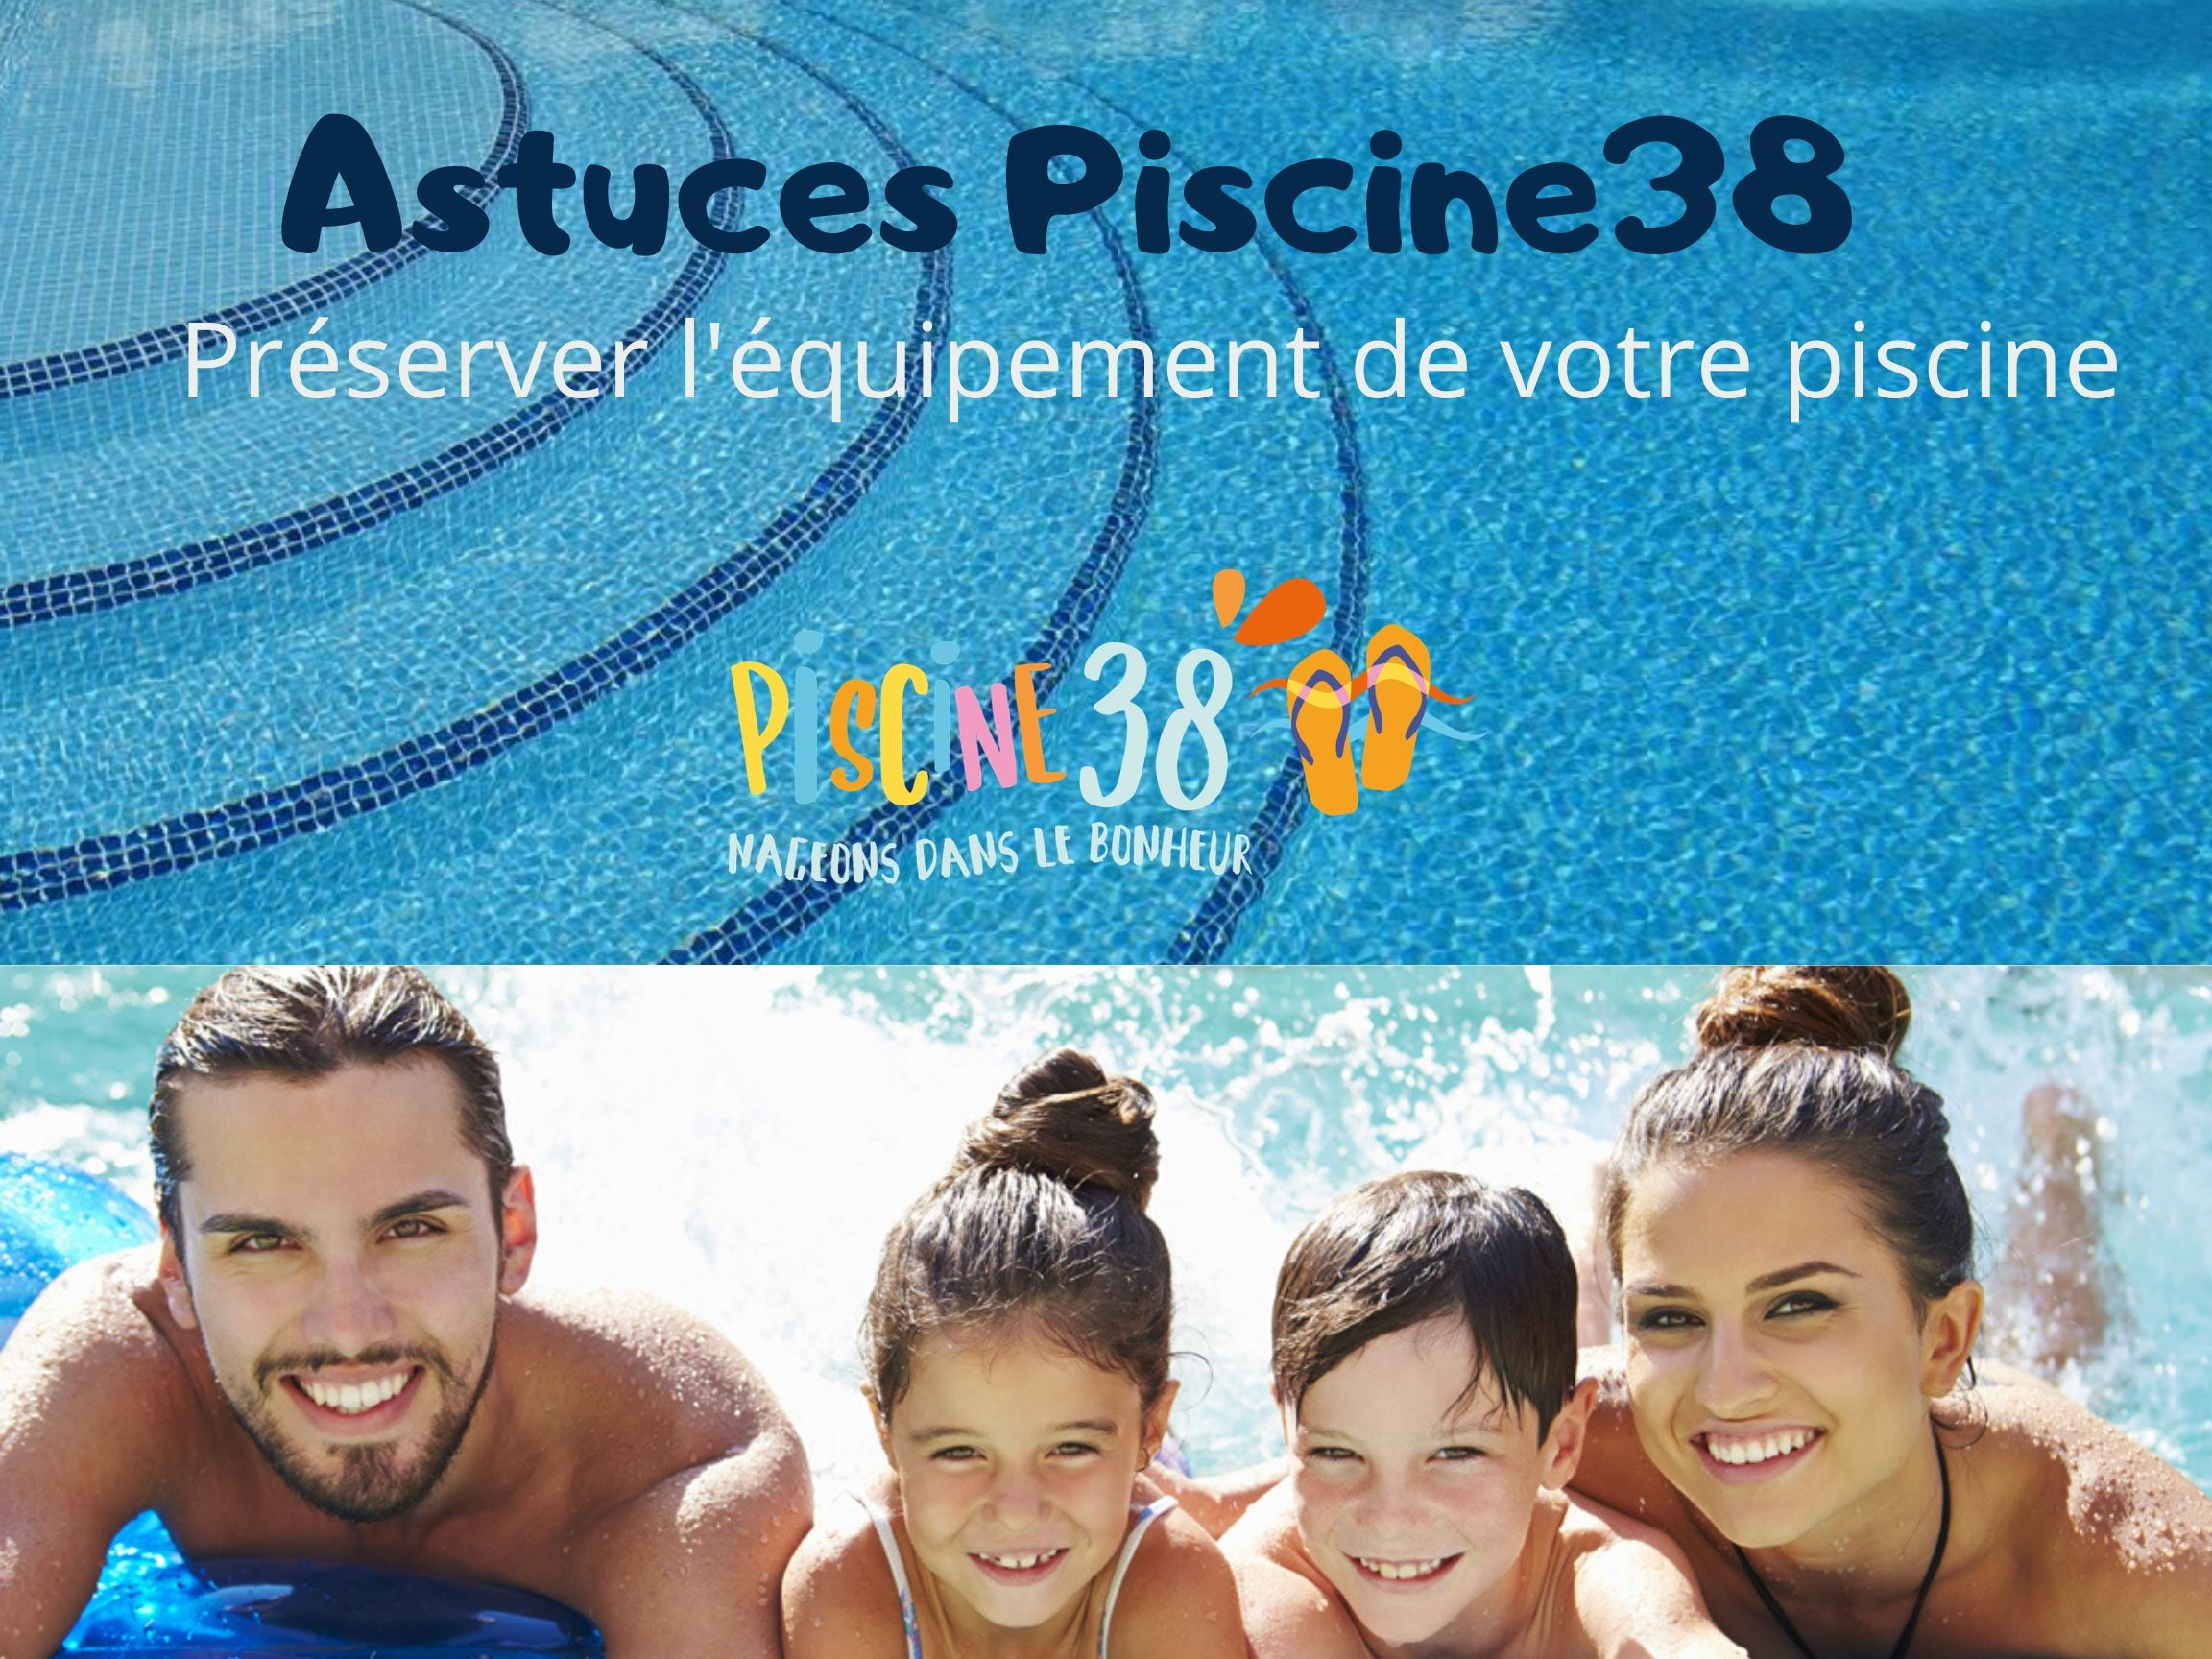 ASTUCES PISCINE 38